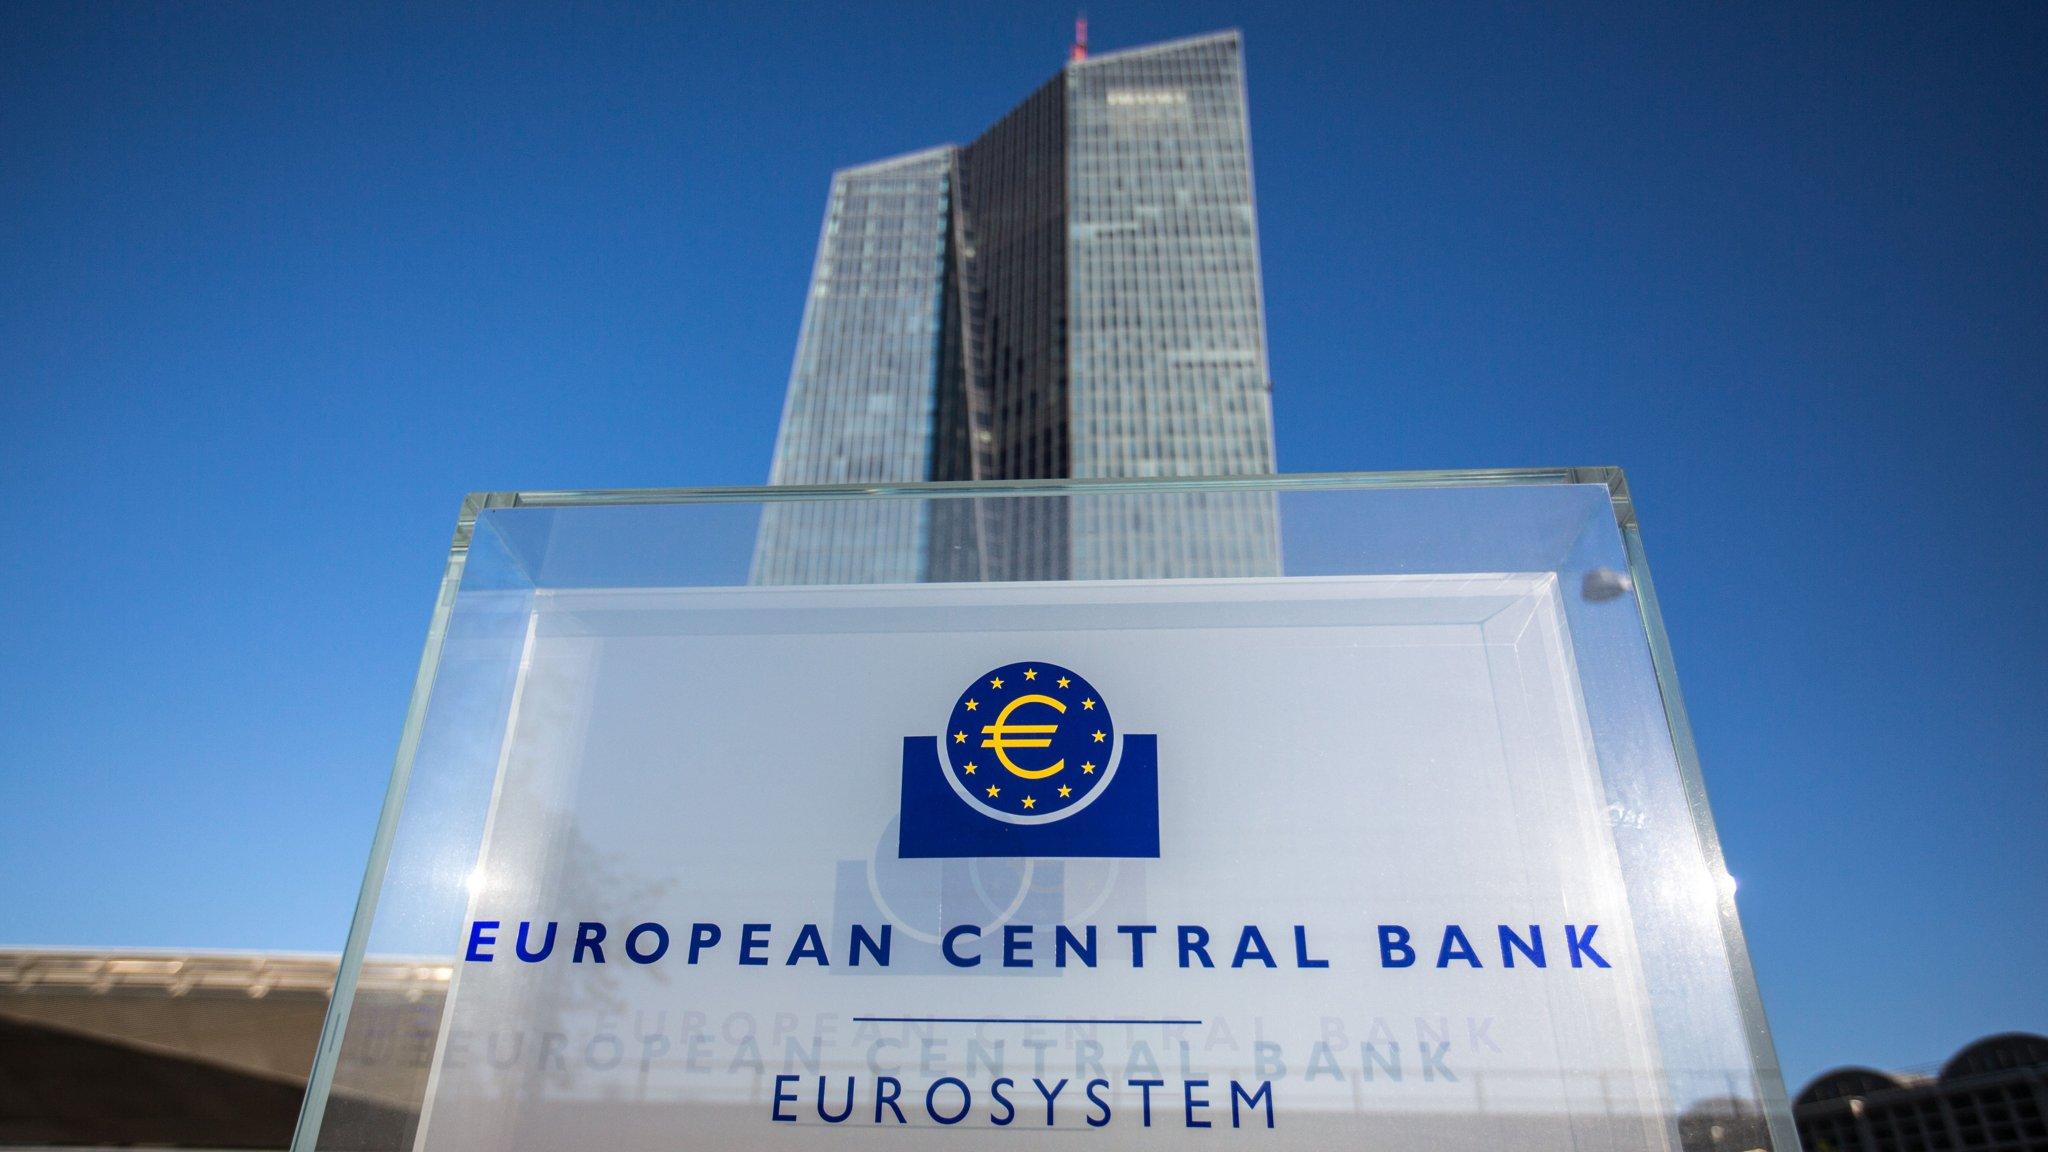 Avrupa Merkez Bankası: Yüzde 2 enflasyon hedefine ulaşana kadar faizler sabit kalacak